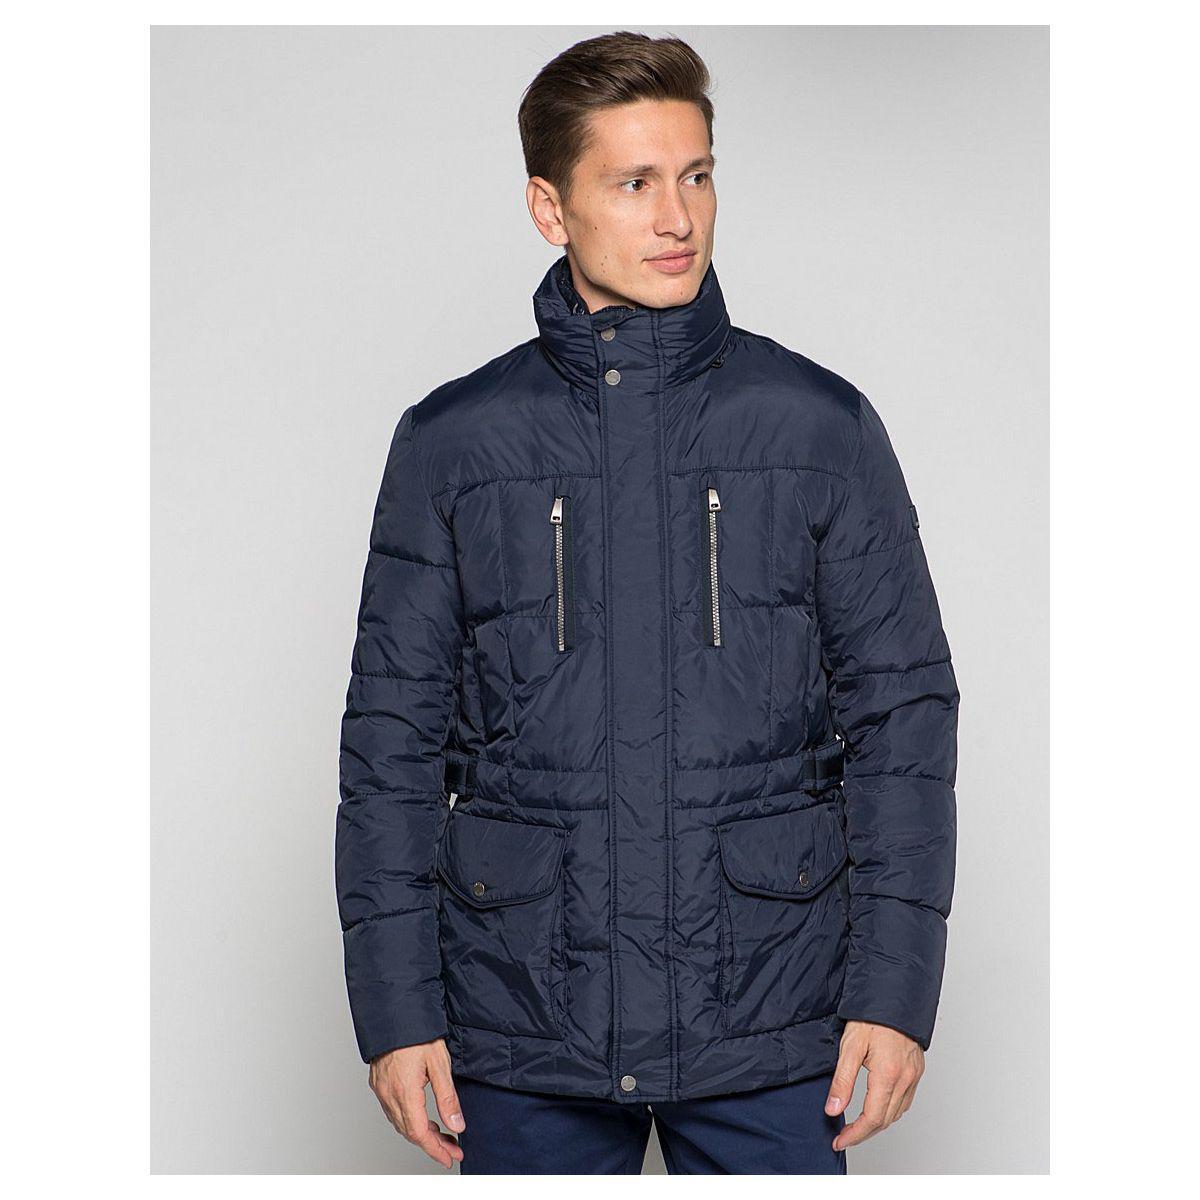 Куртка мужская Geox M4428A DARK NAVY